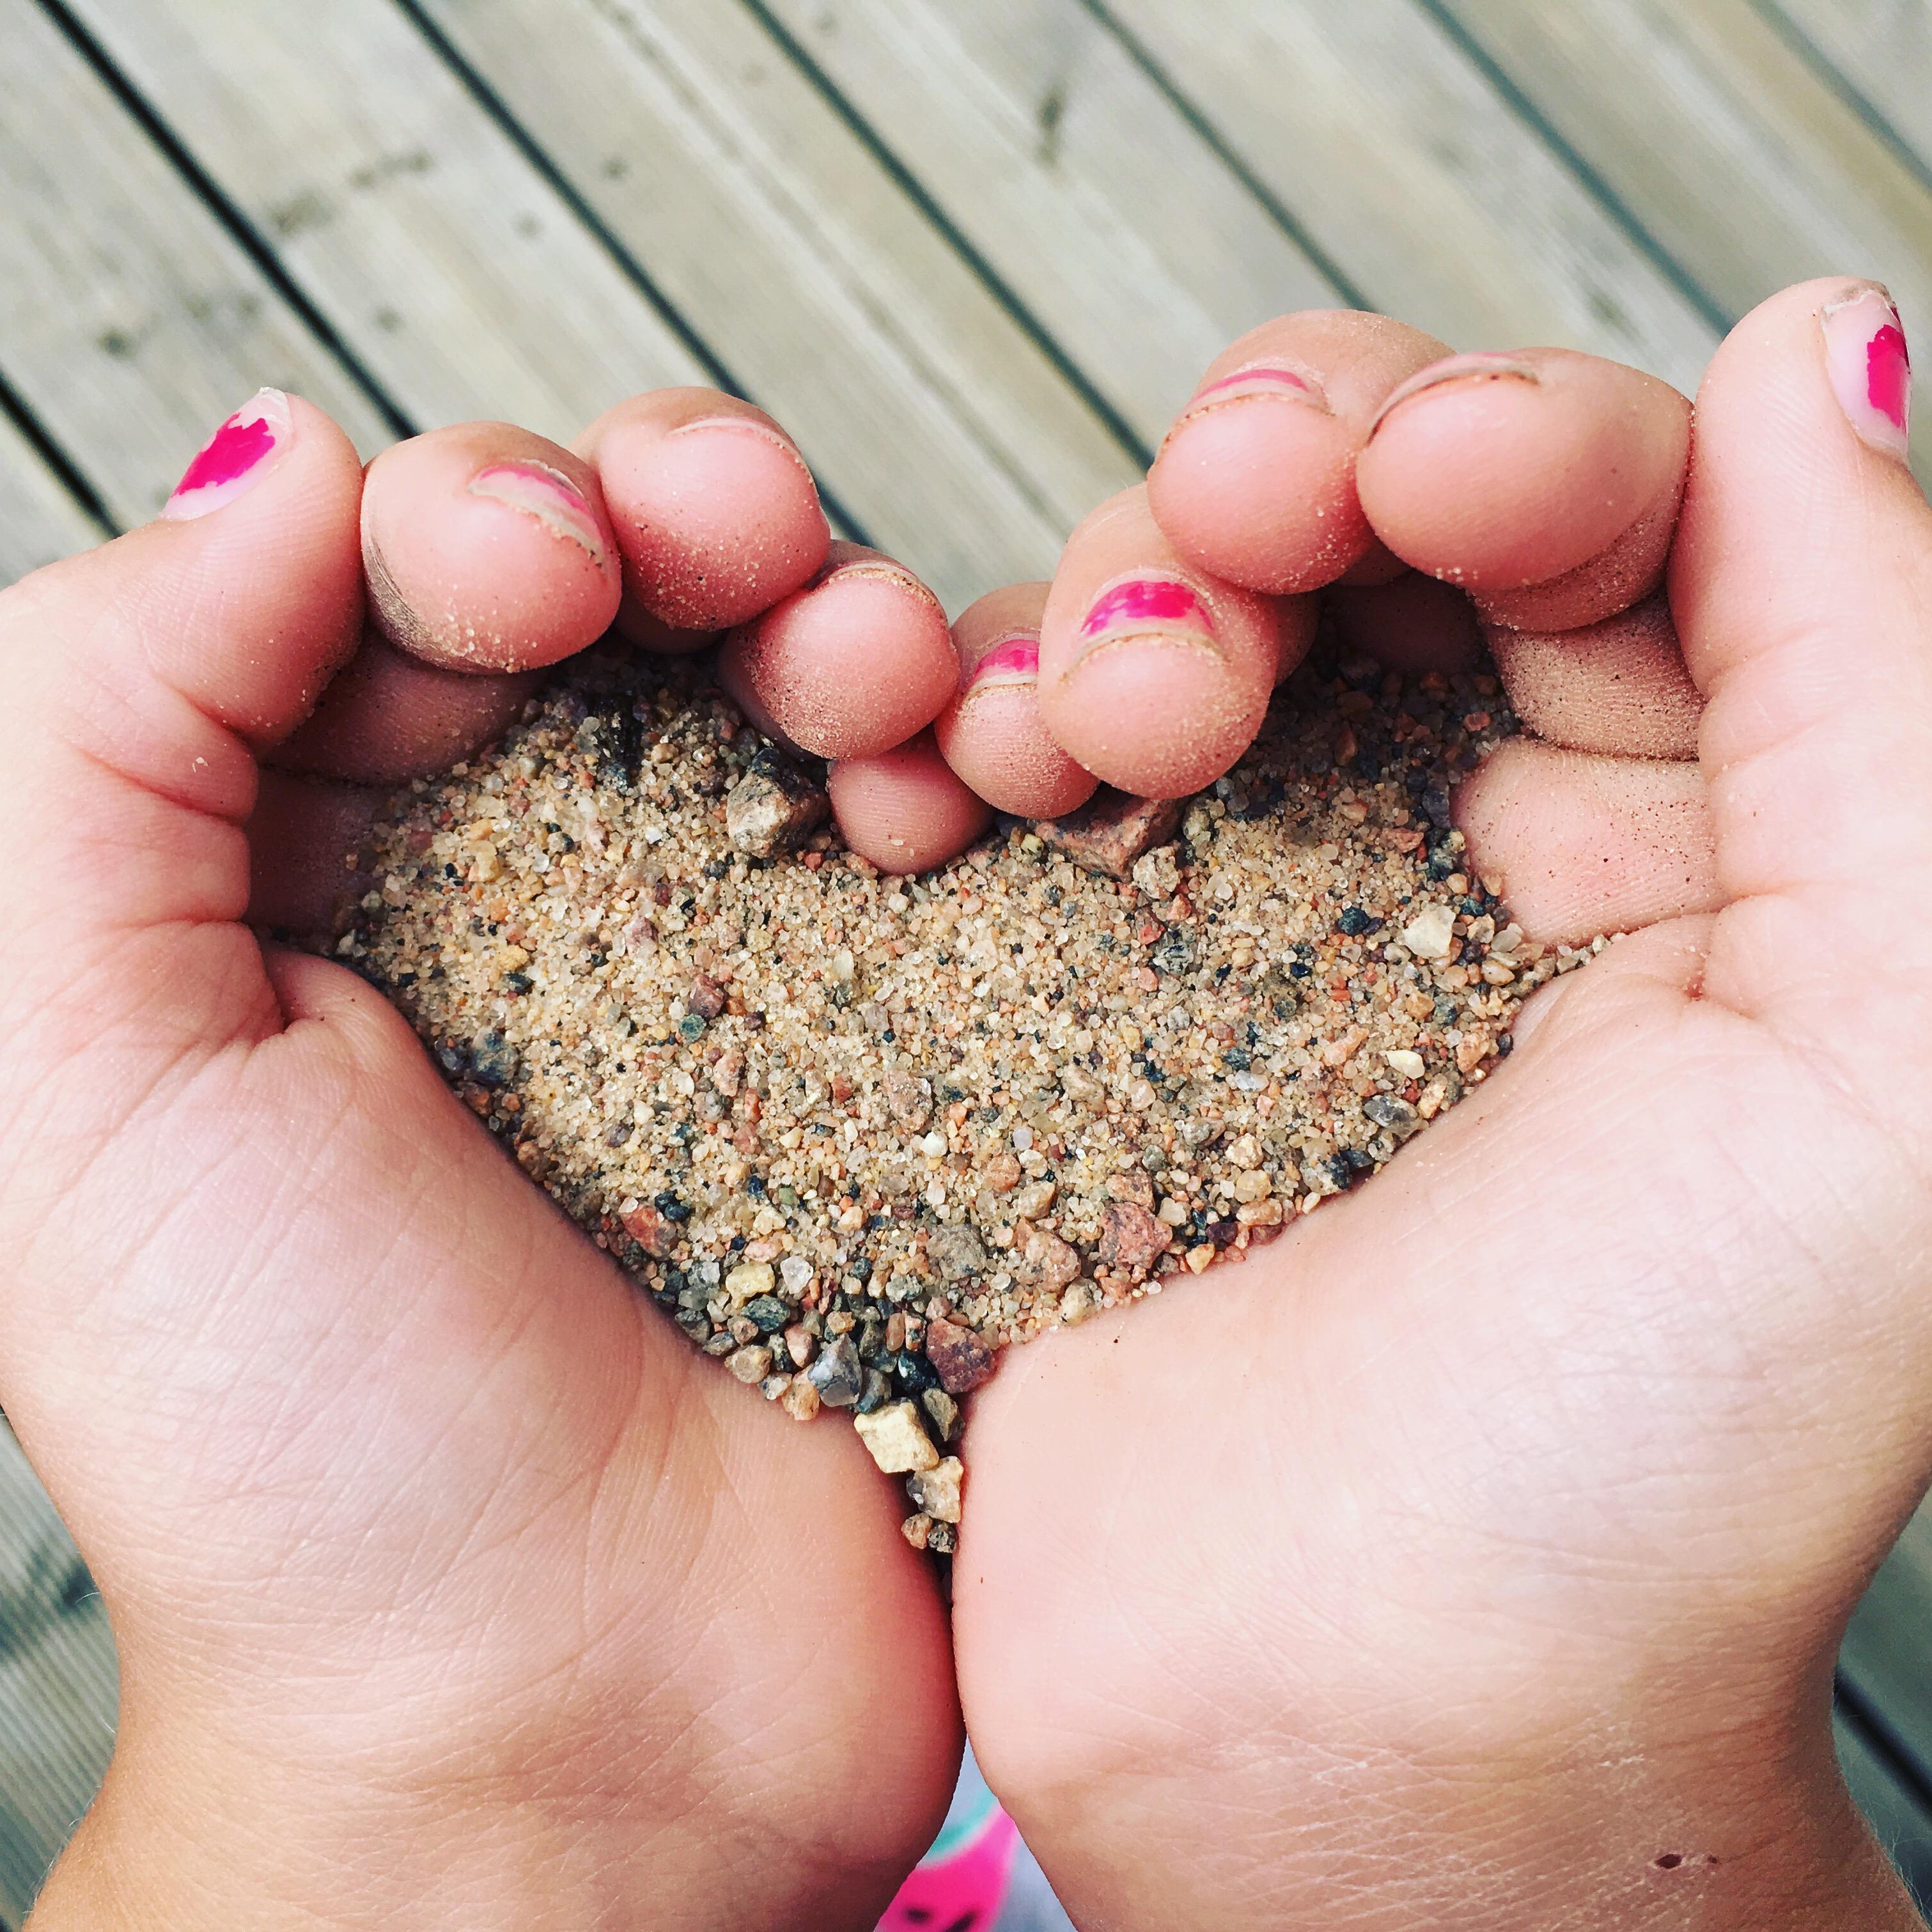 hjärtat i din hand